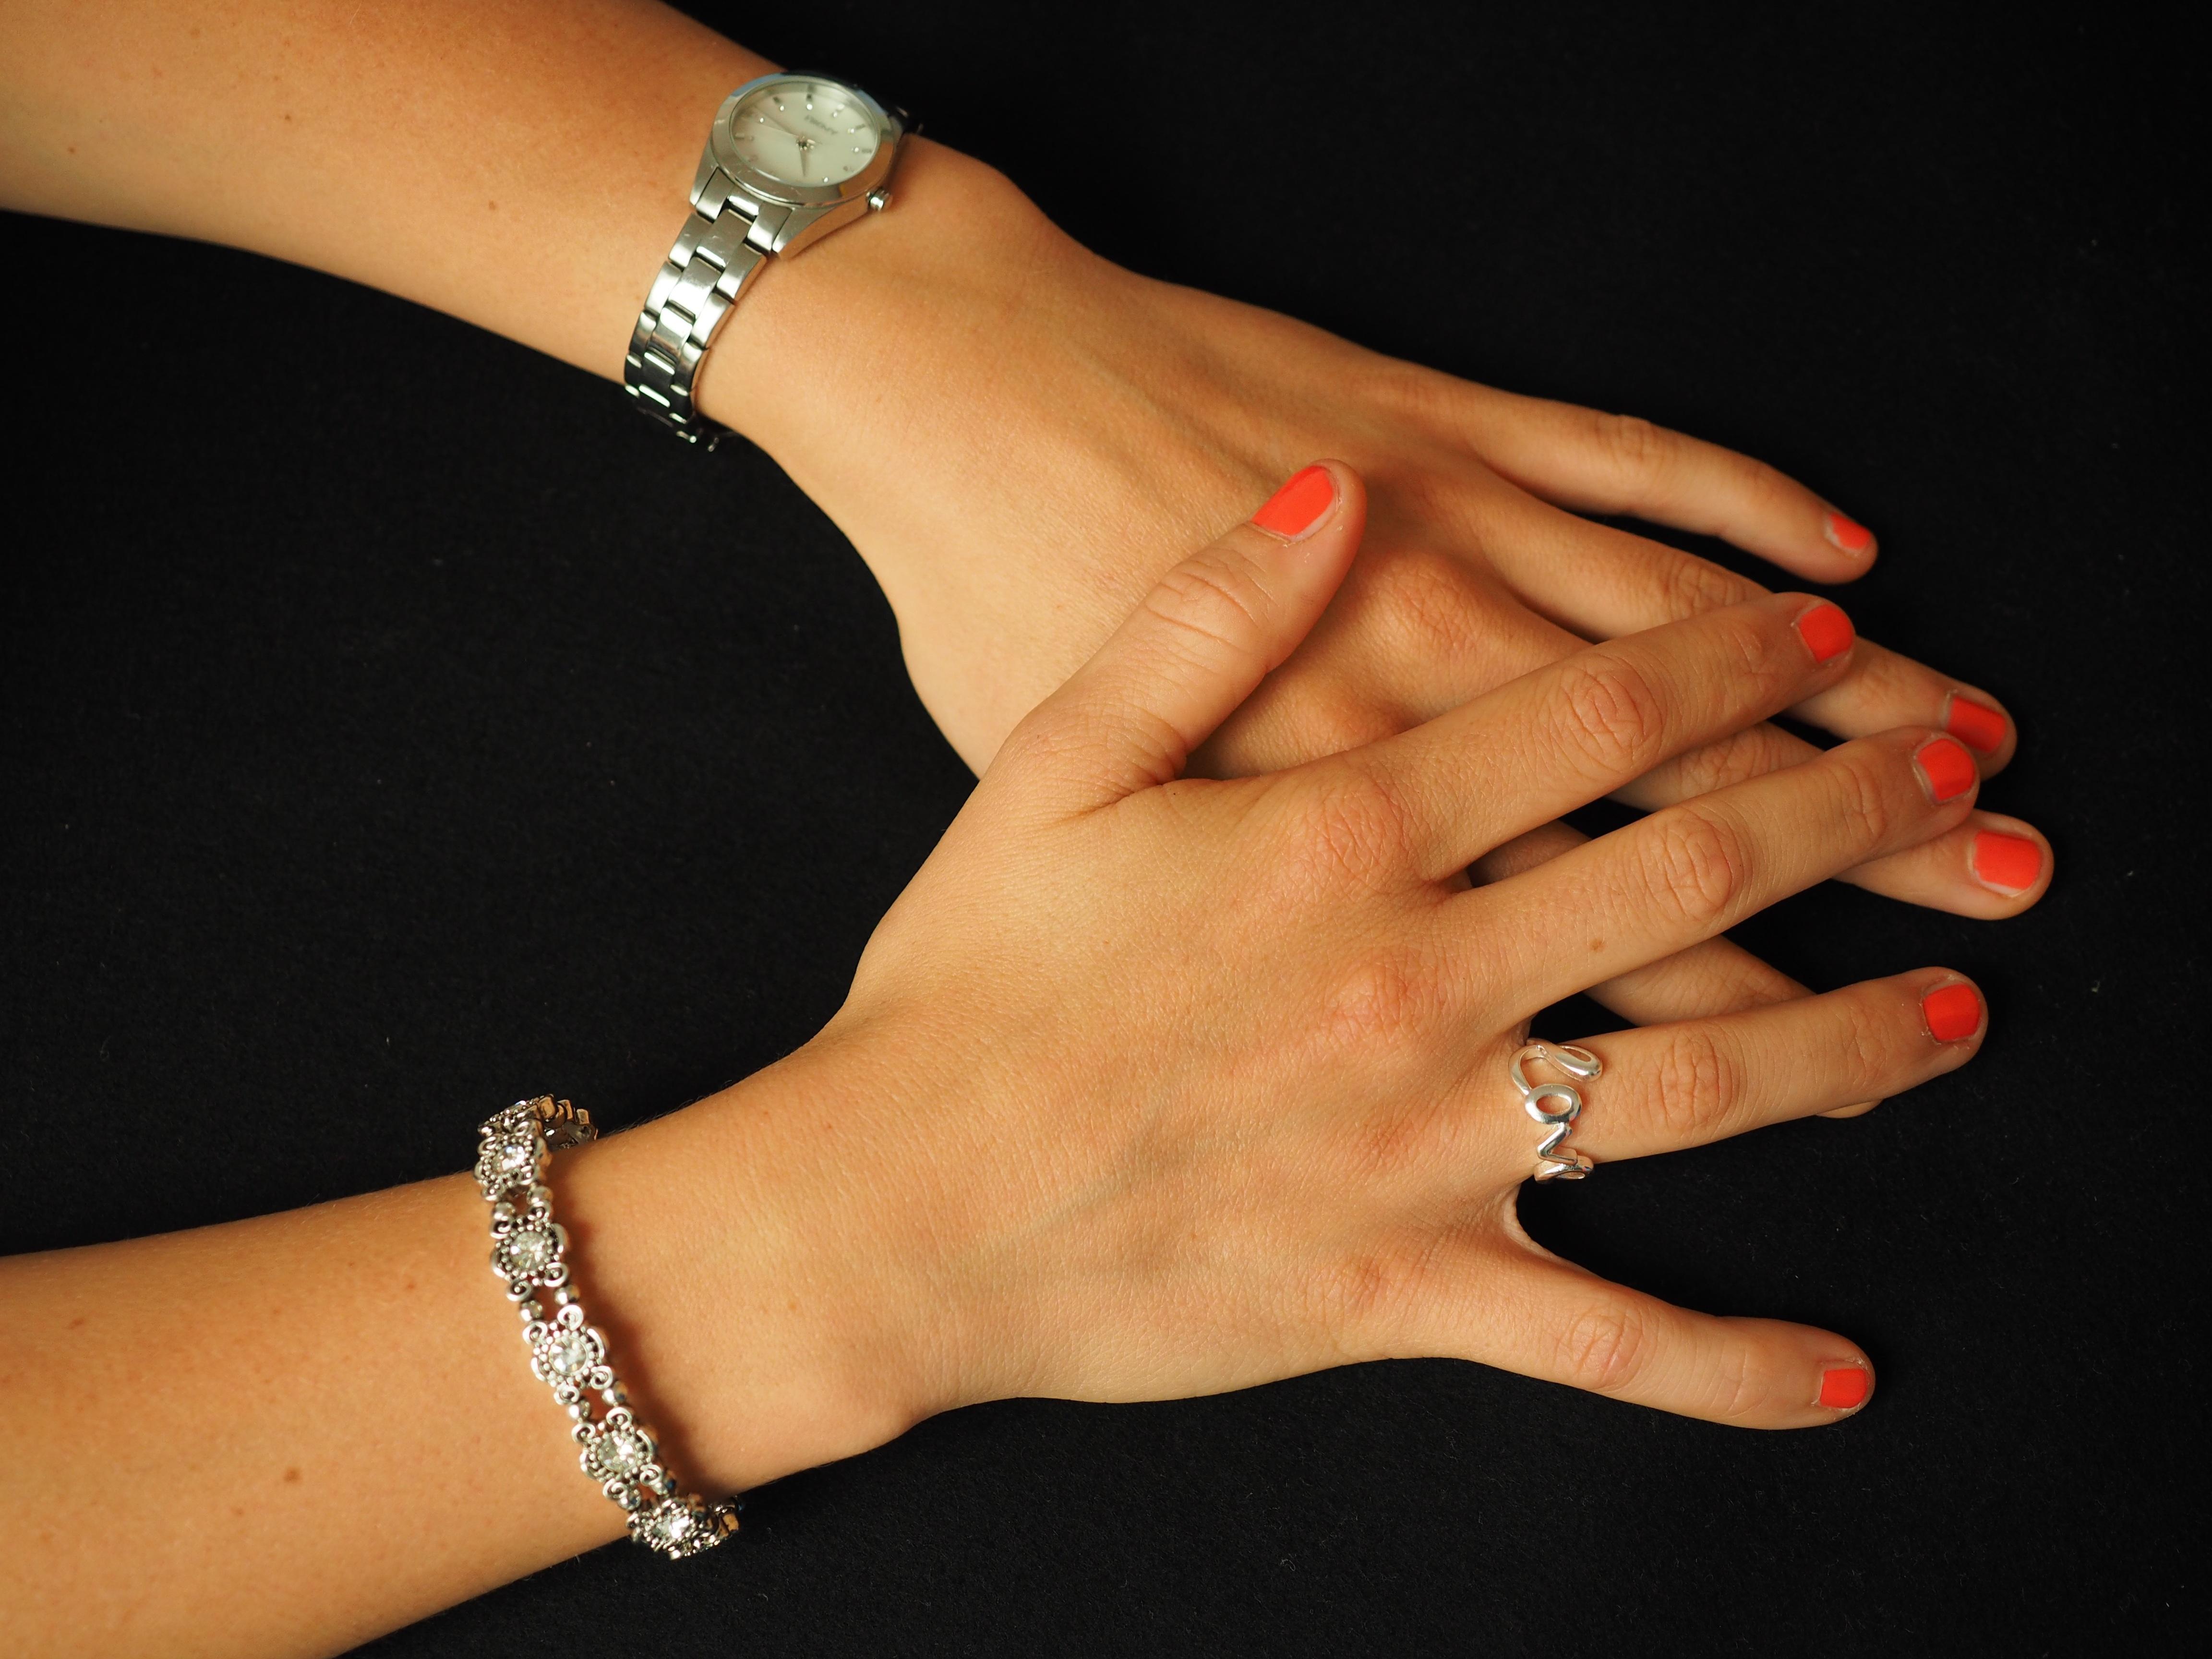 Kostenlose foto : Hand, Ring, Uhr, Liebe, Arm, Nagel, Armreif ...